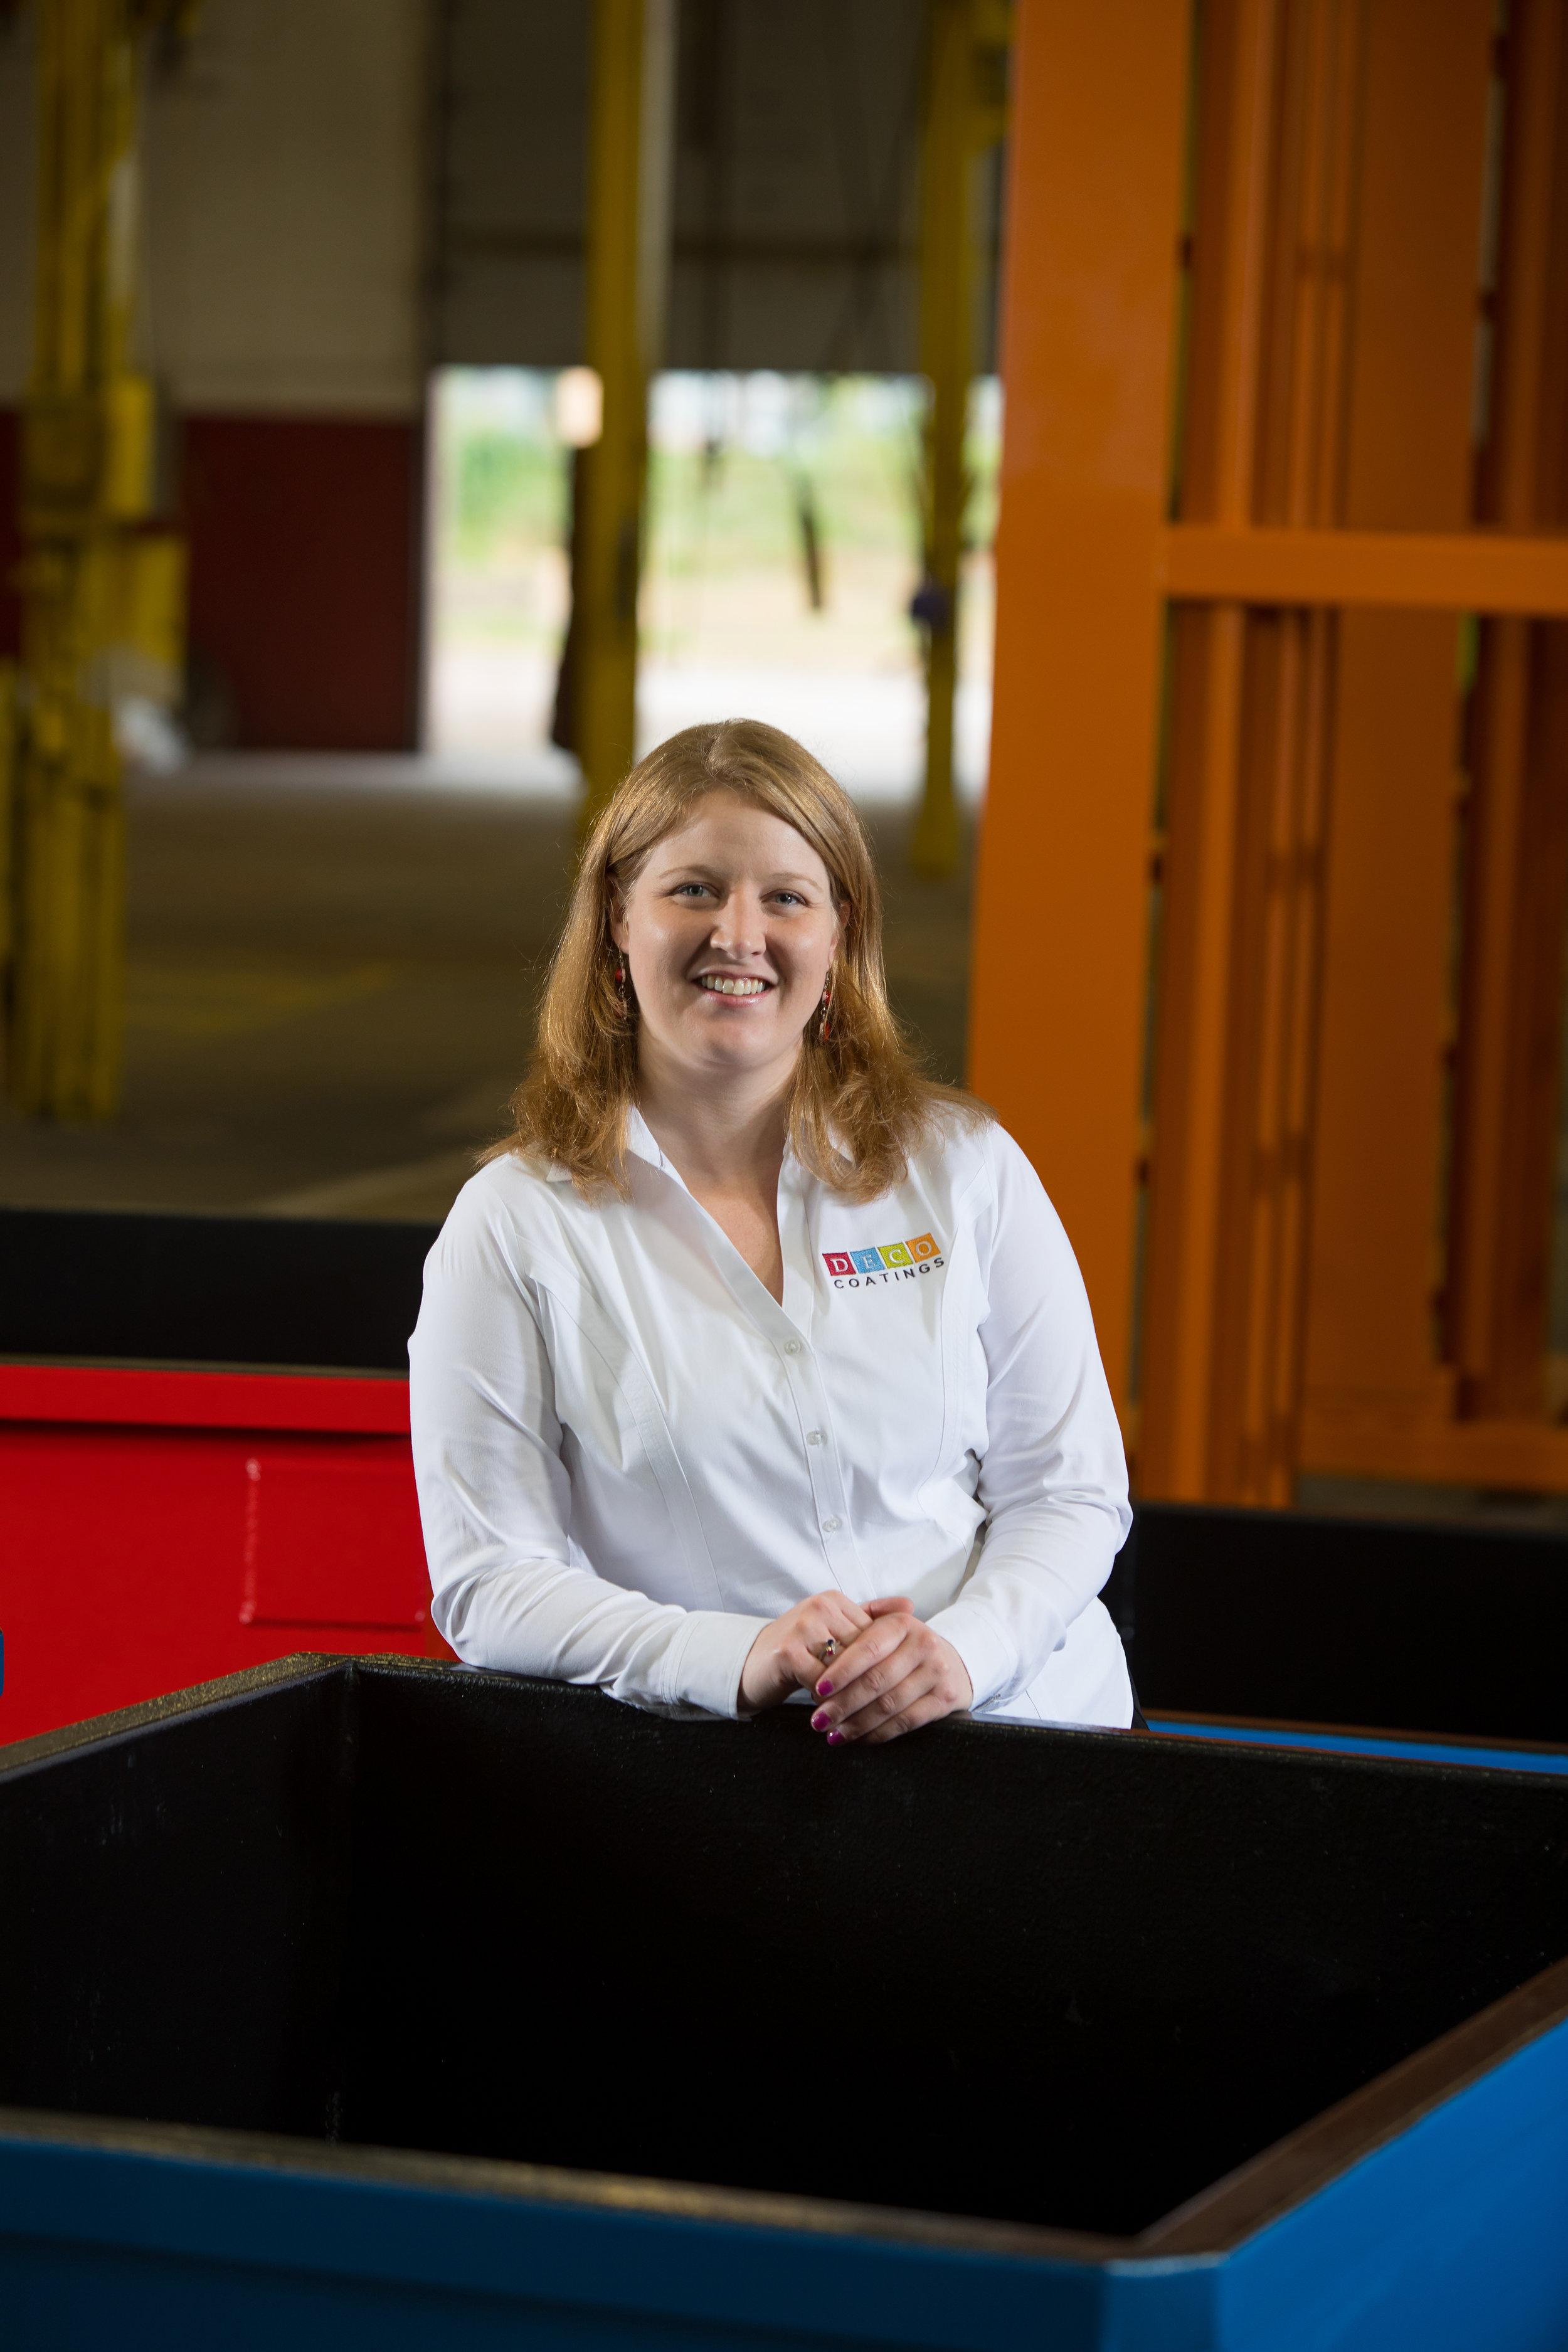 Laura Blechl, Executive Dir. of Business Development